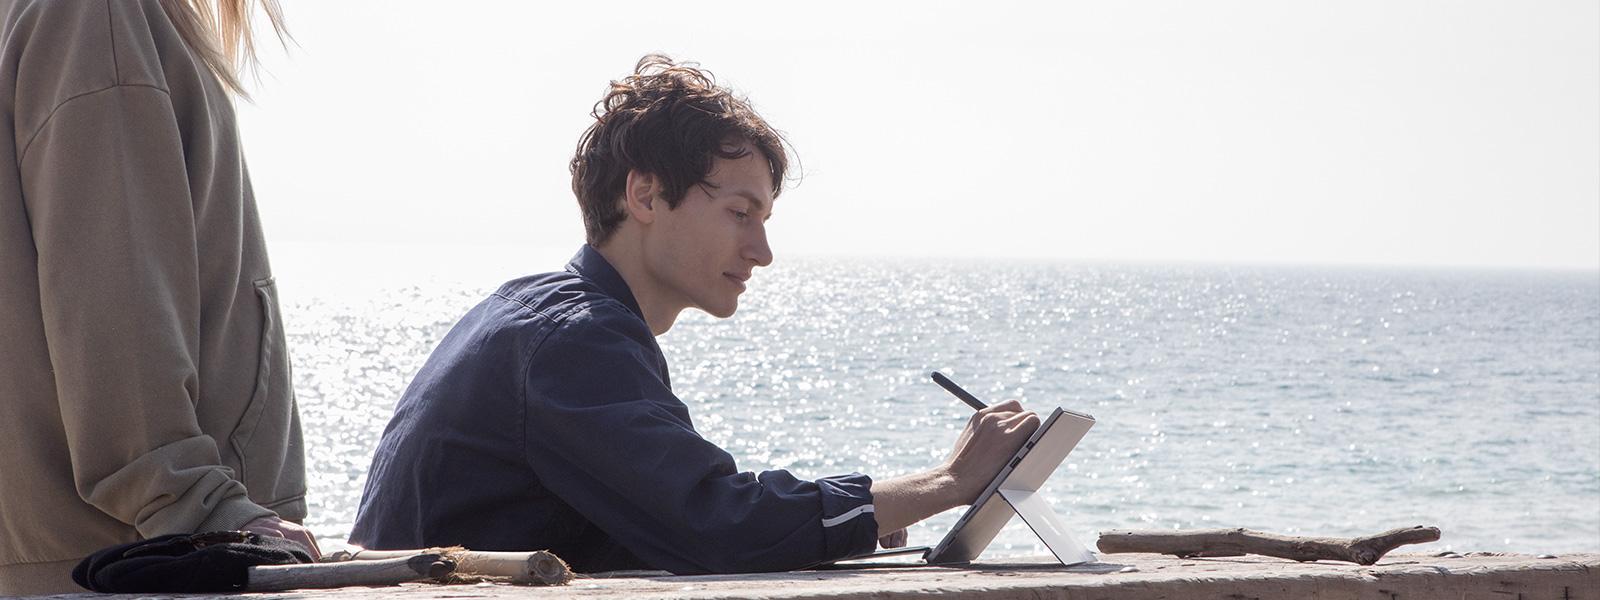 Hombre usando un dispositivo Surface Pro afuera